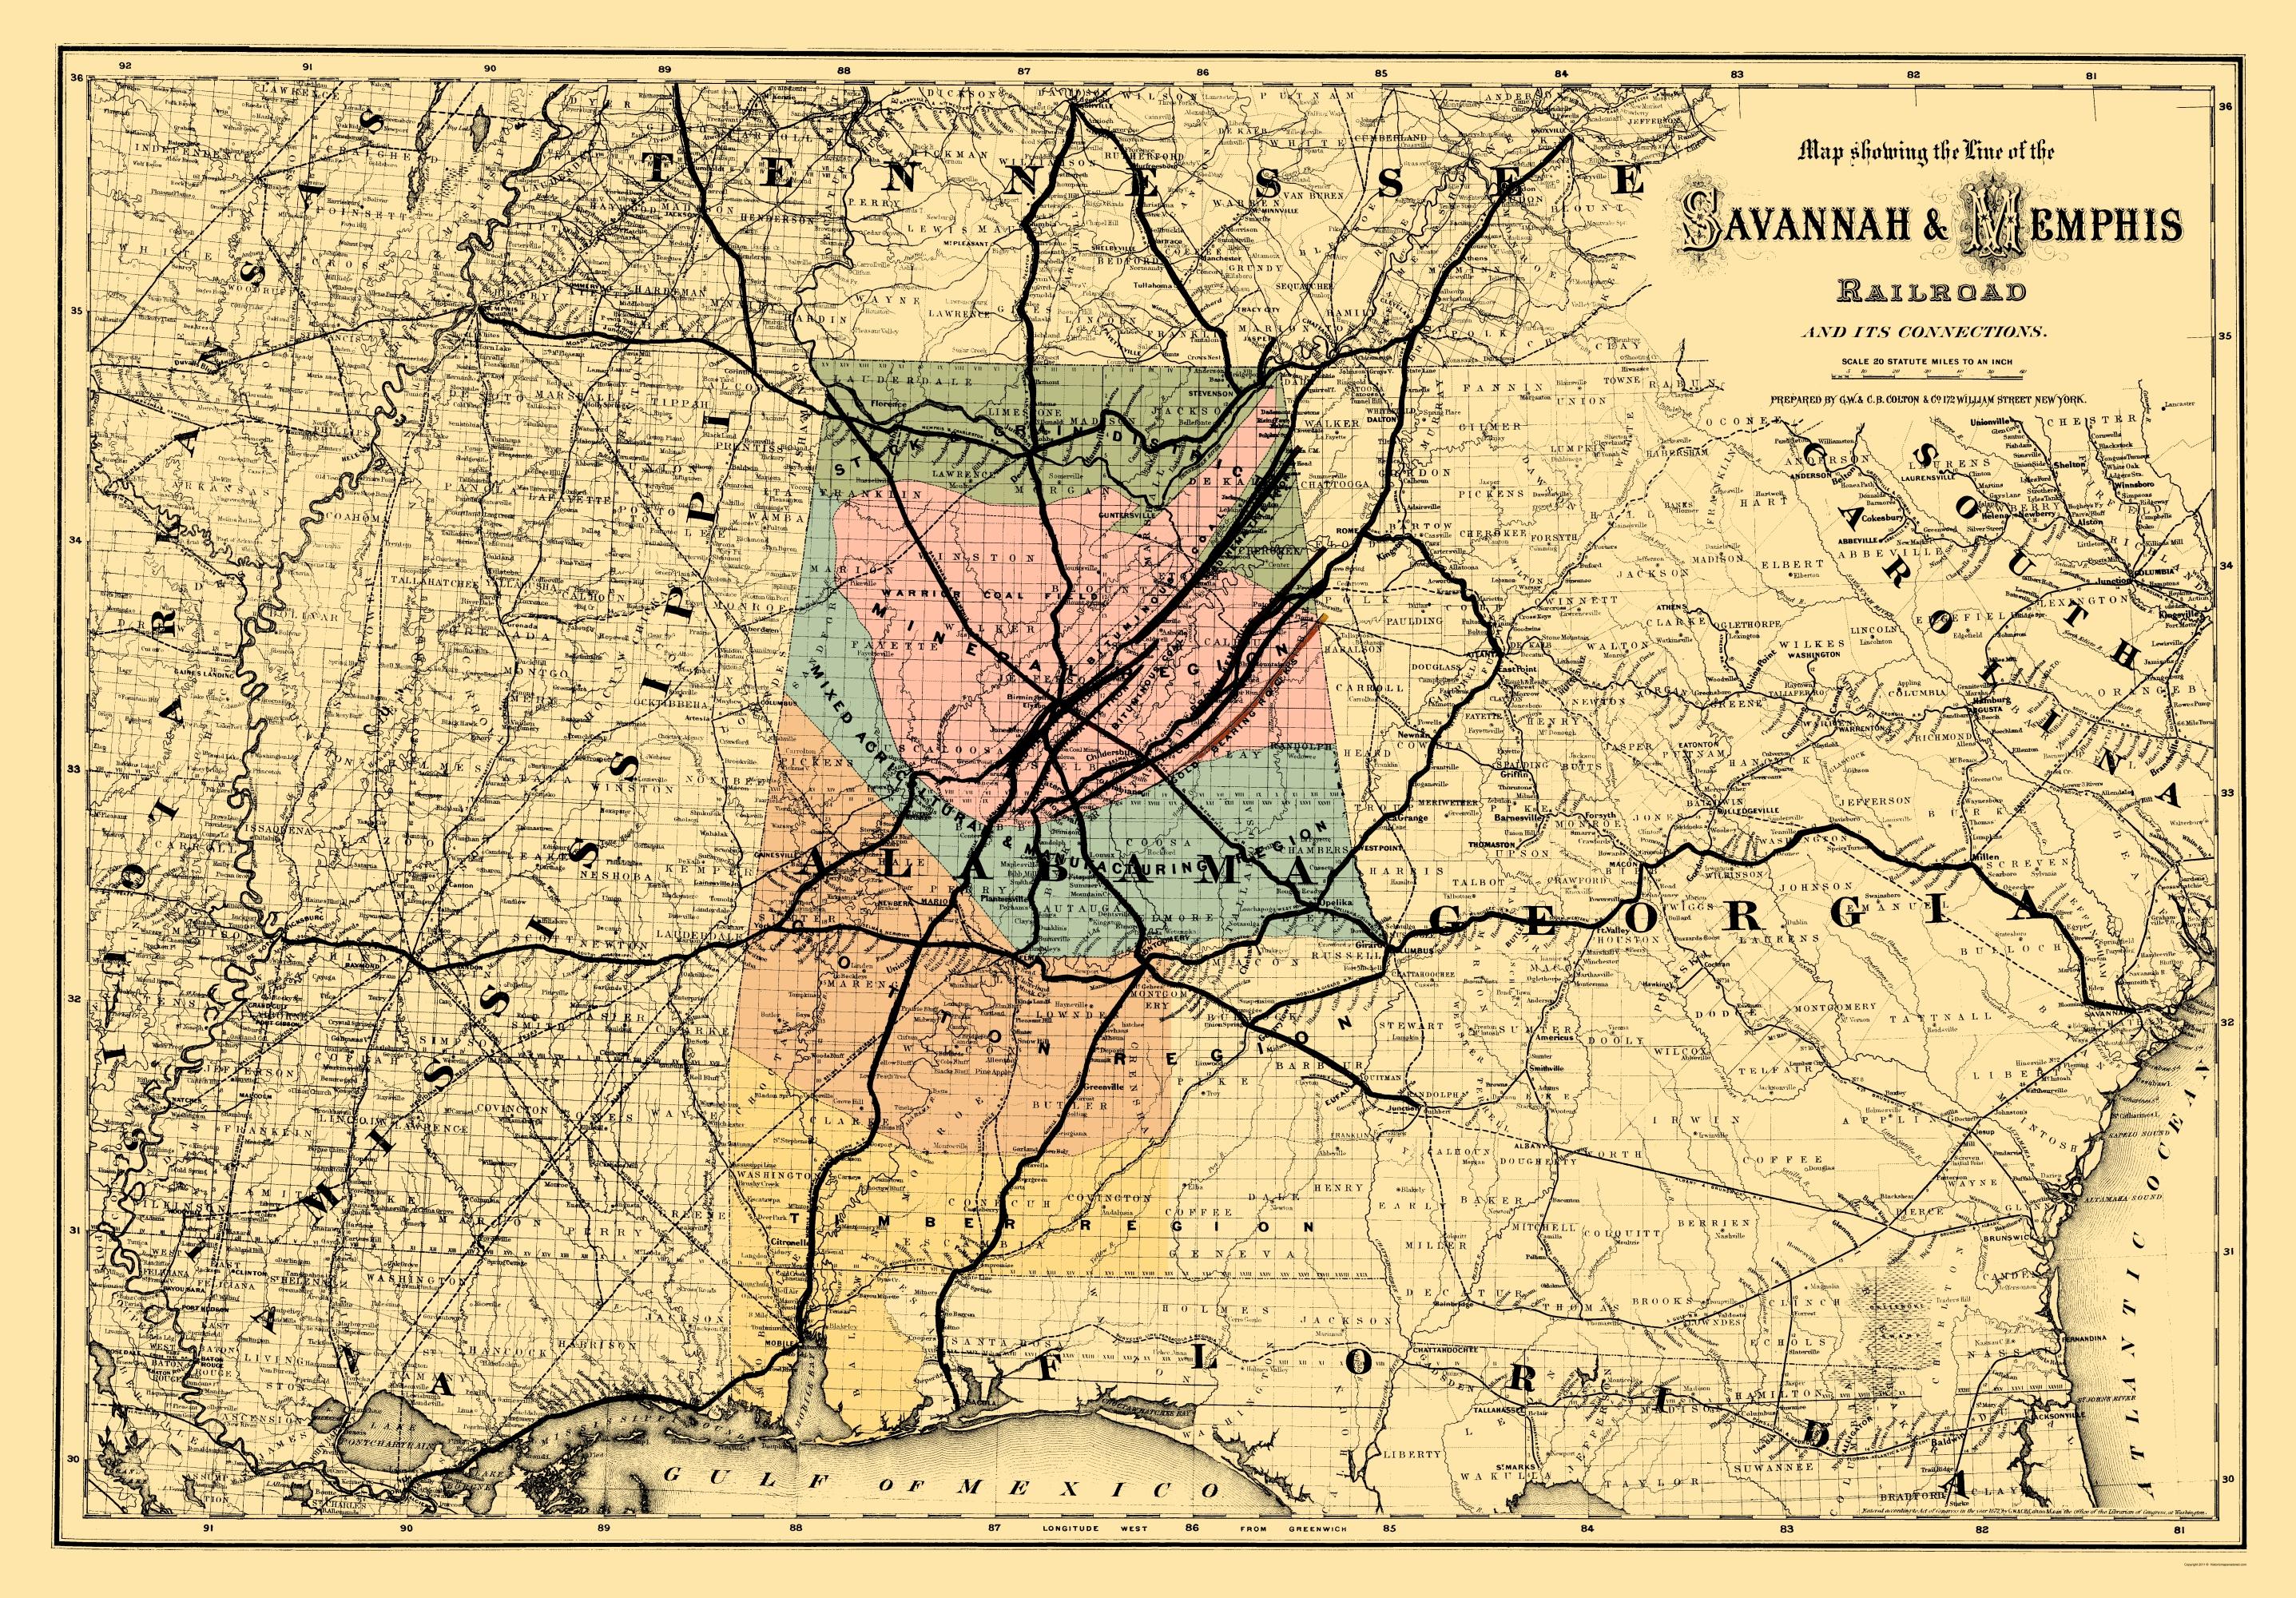 Old Railroad Map Savannah And Memphis Railroad 1872 - Savannah-on-us-map